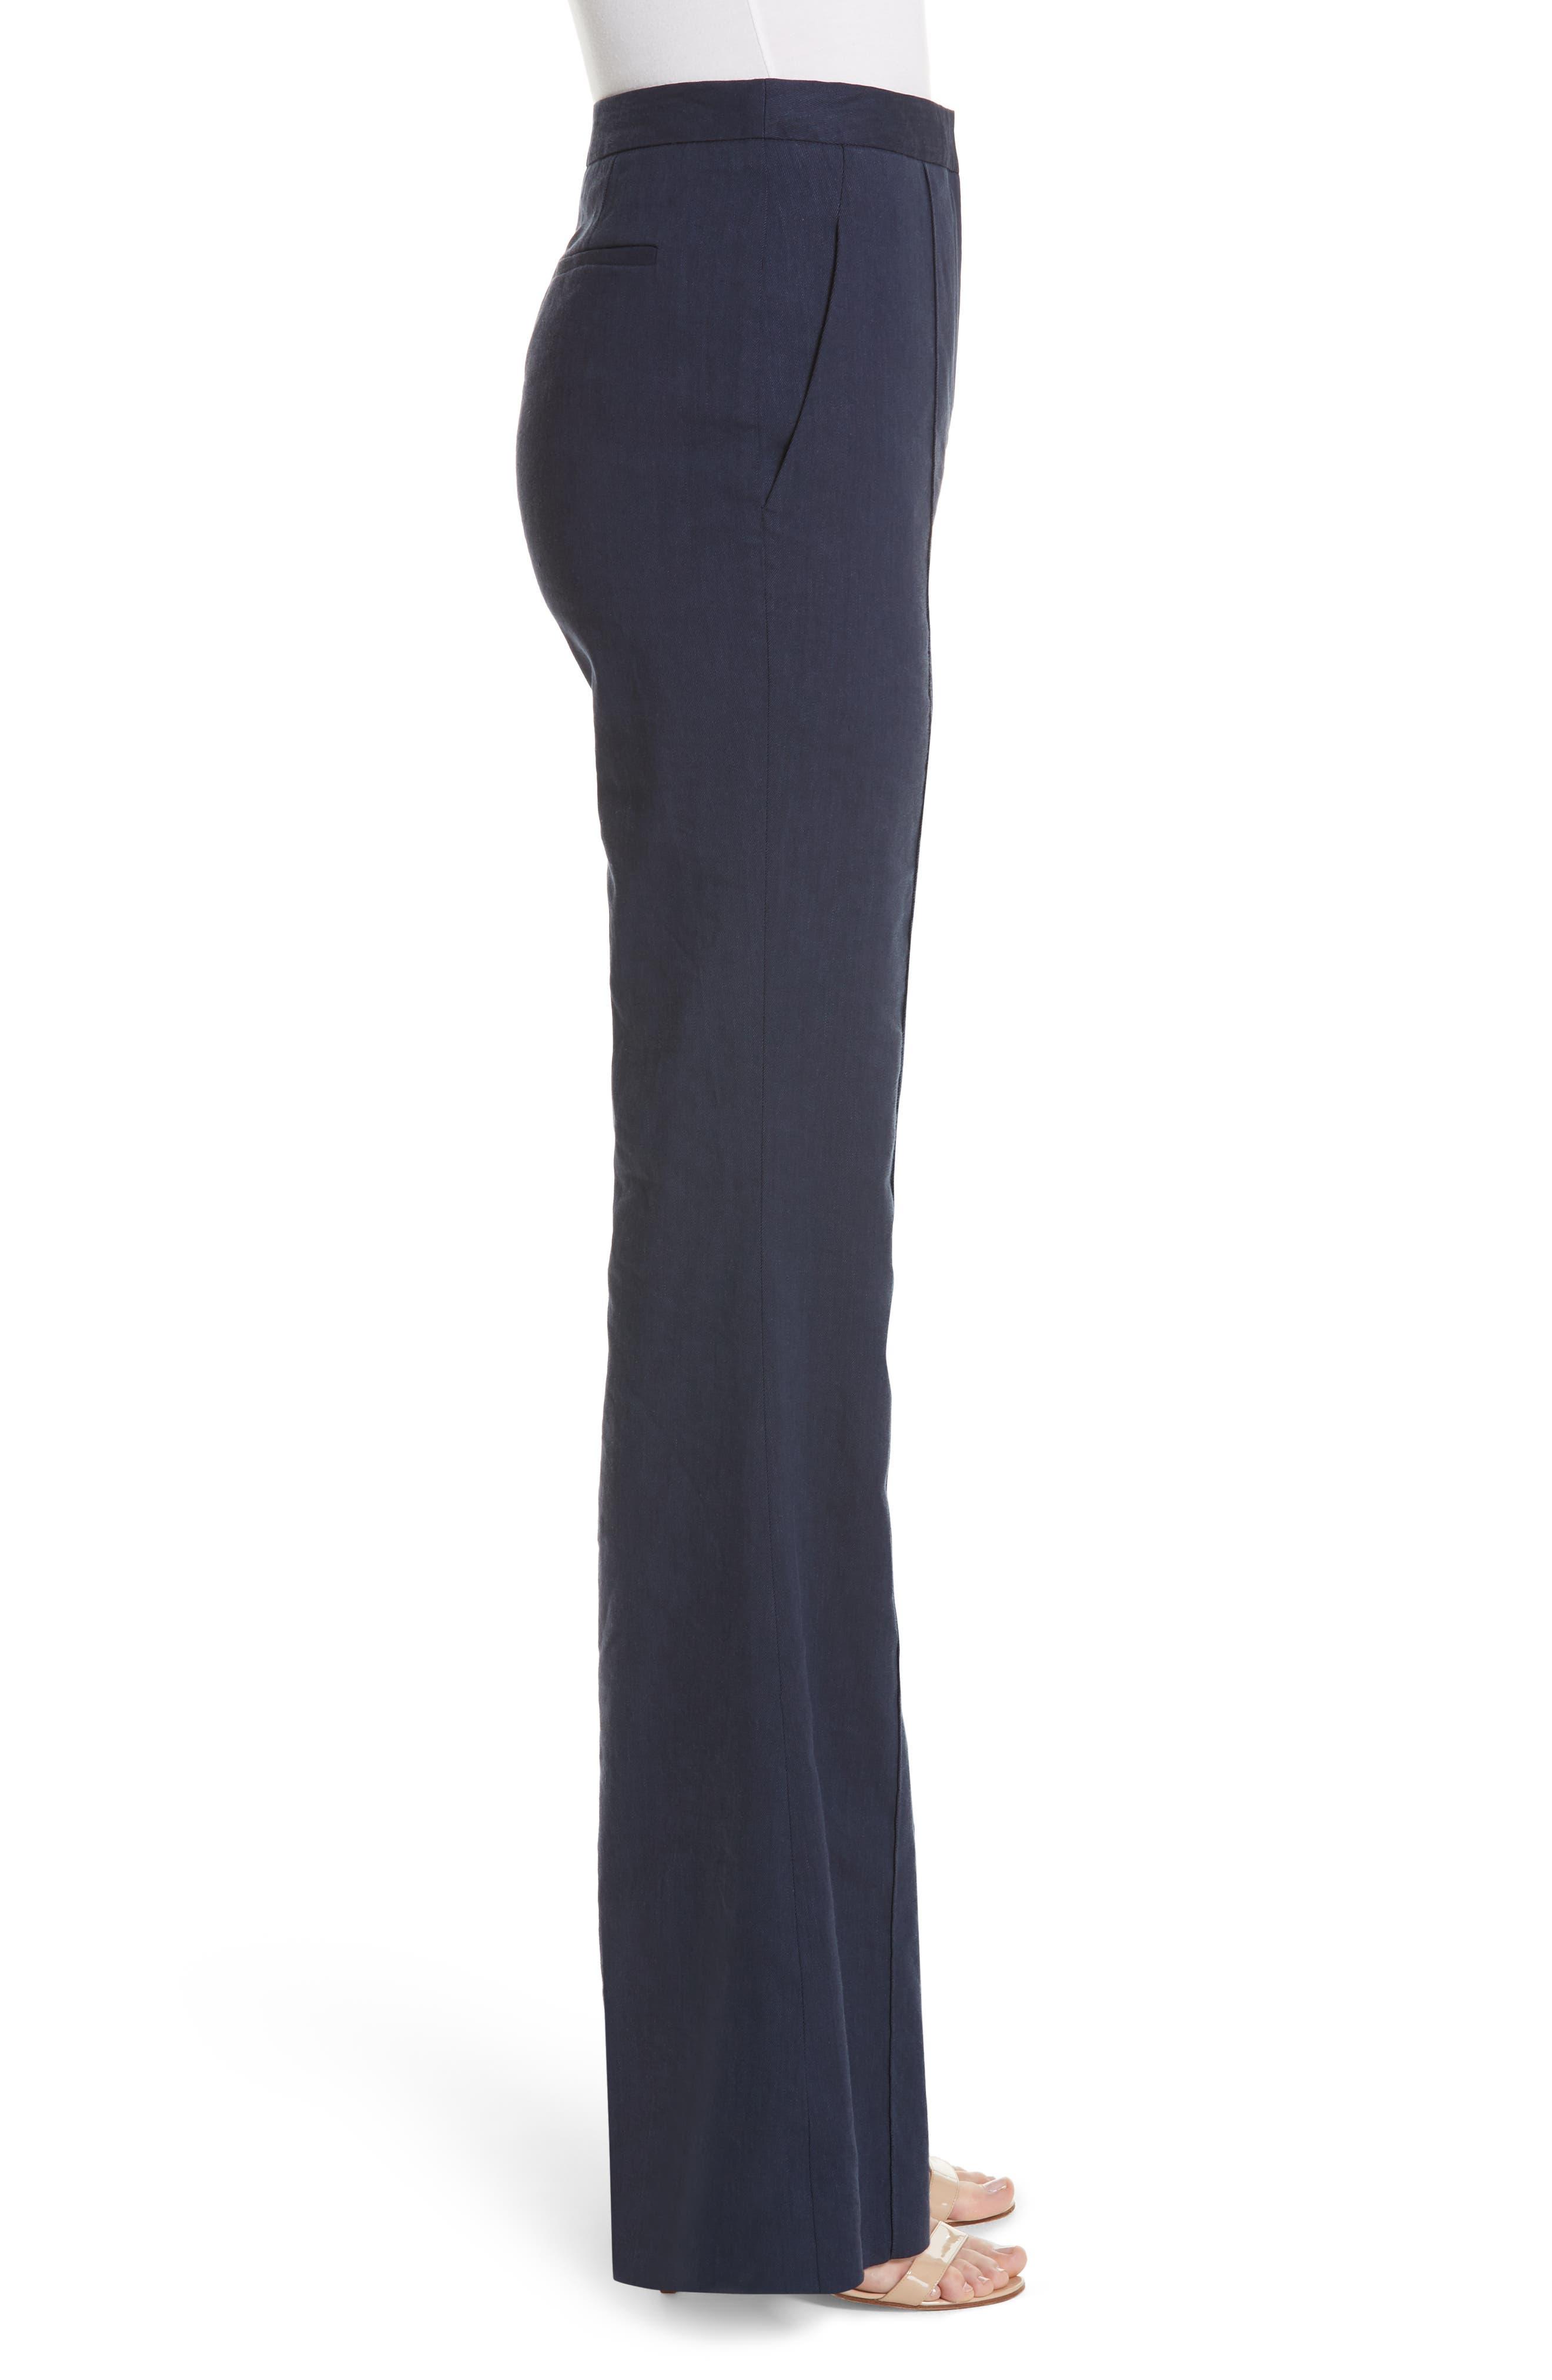 Diane von Furstenberg Pleat Front Flare Stretch Linen Blend Pants,                             Alternate thumbnail 3, color,                             485